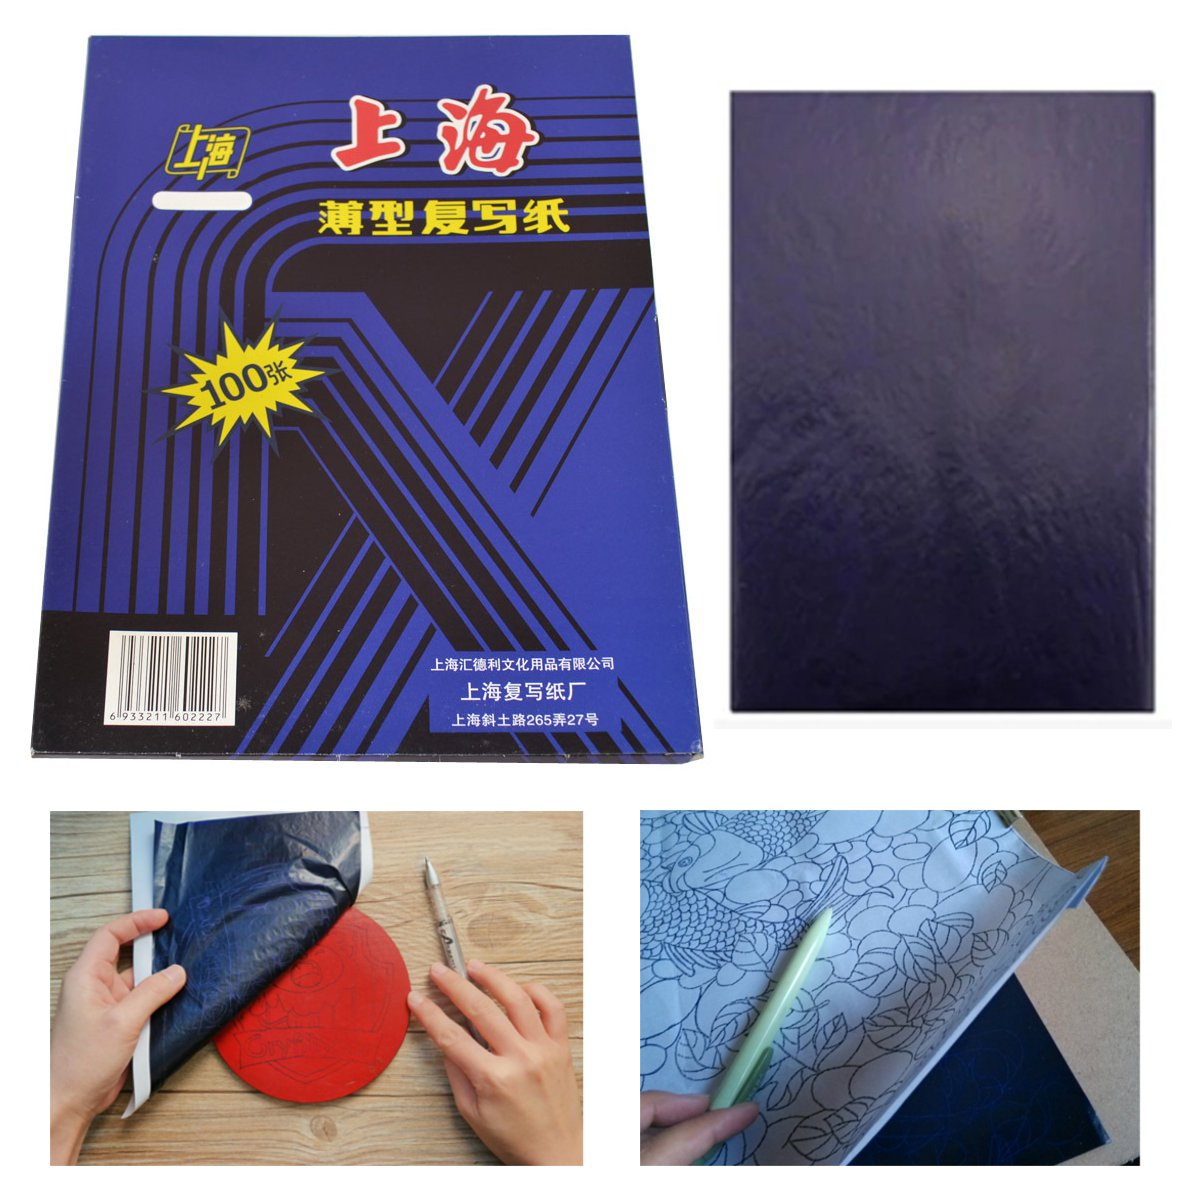 Трафарет A4 для ручного копировального аппарата, 100 листов, темно-синий, углеродный